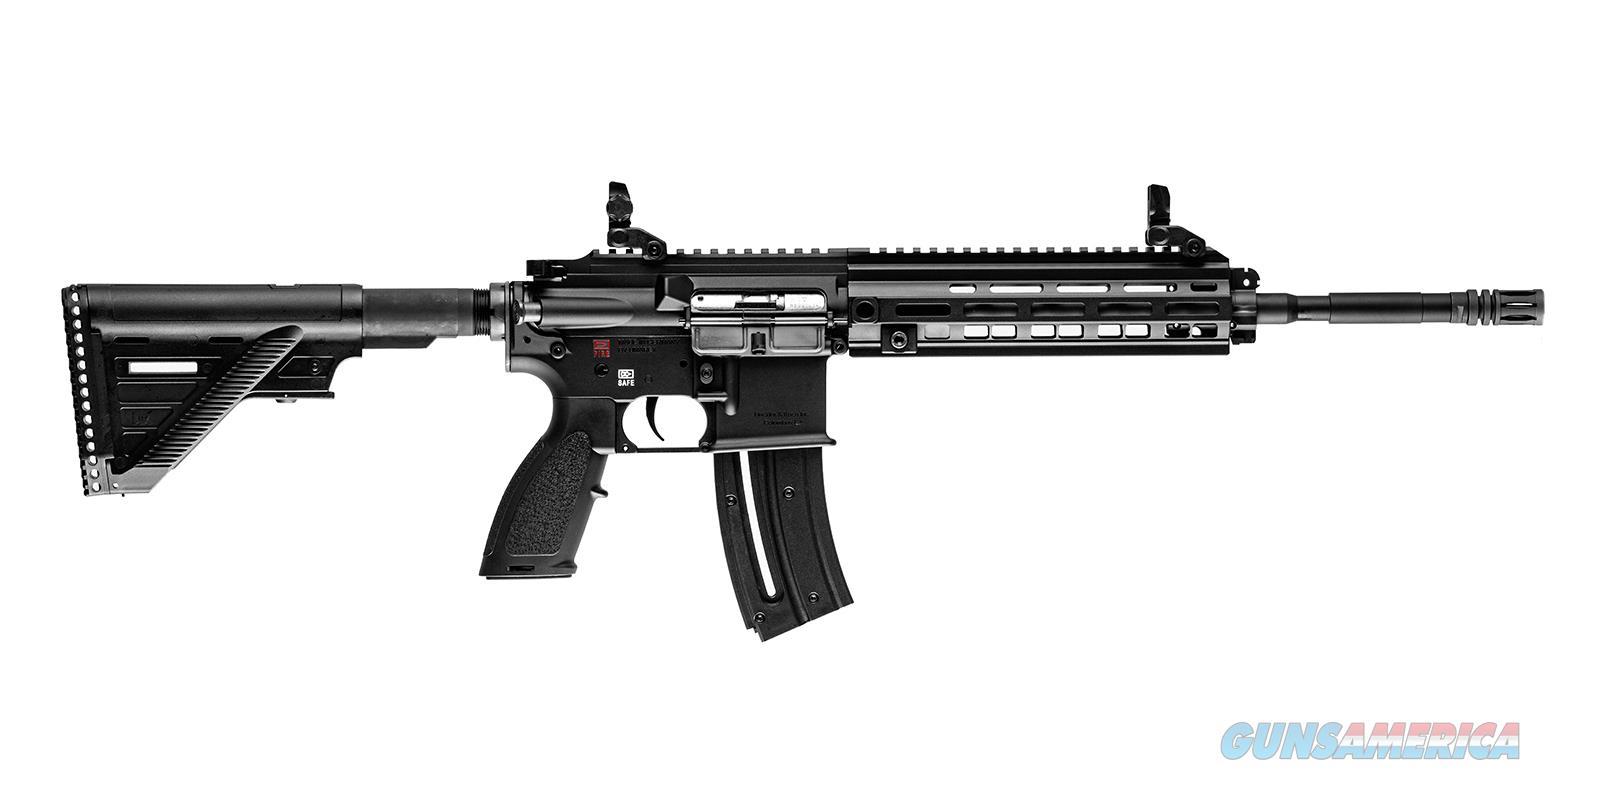 Heckler & Koch 416 D (5770600)  Guns > Rifles > Heckler & Koch Rifles > Tactical